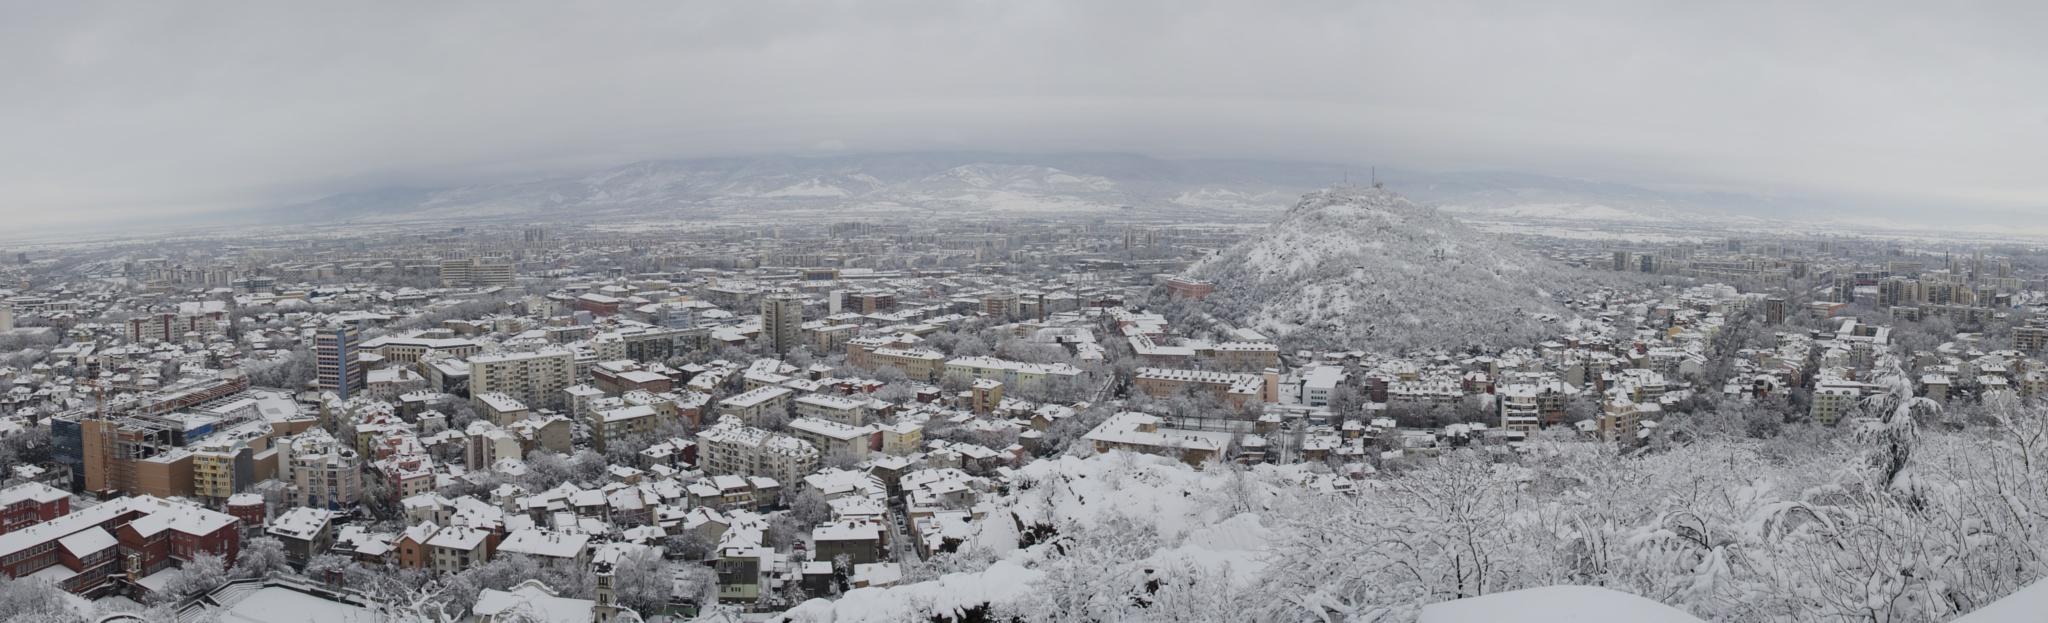 Plovdiv by George Stanciu